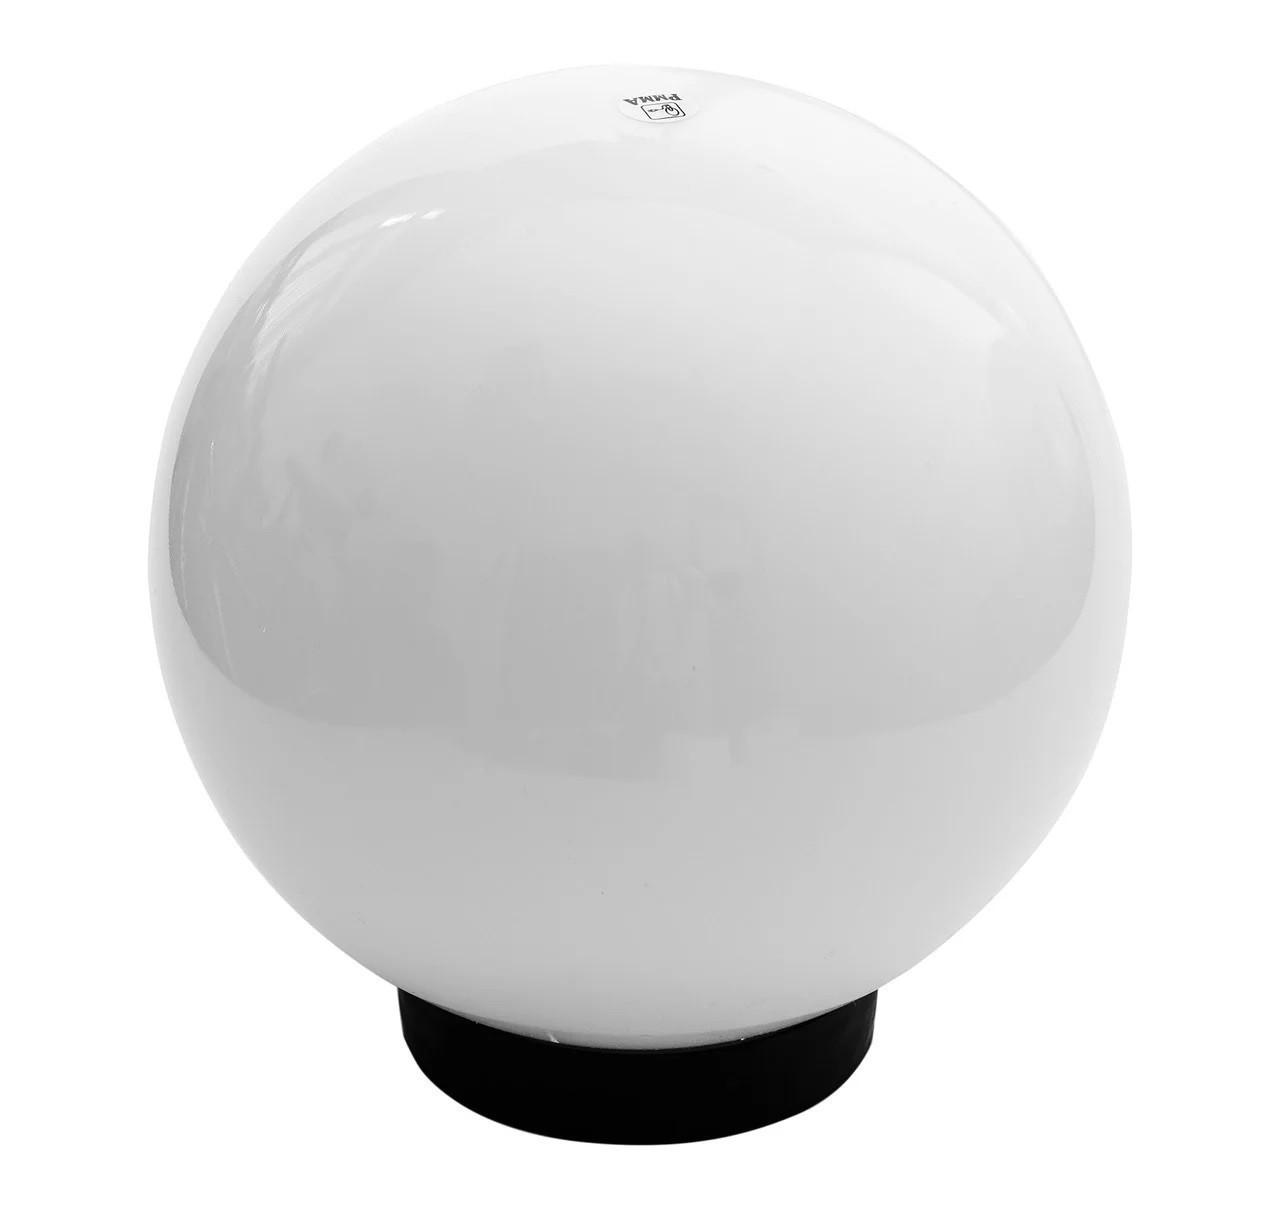 Садово-парковый светильник шар опал белый 400 мм